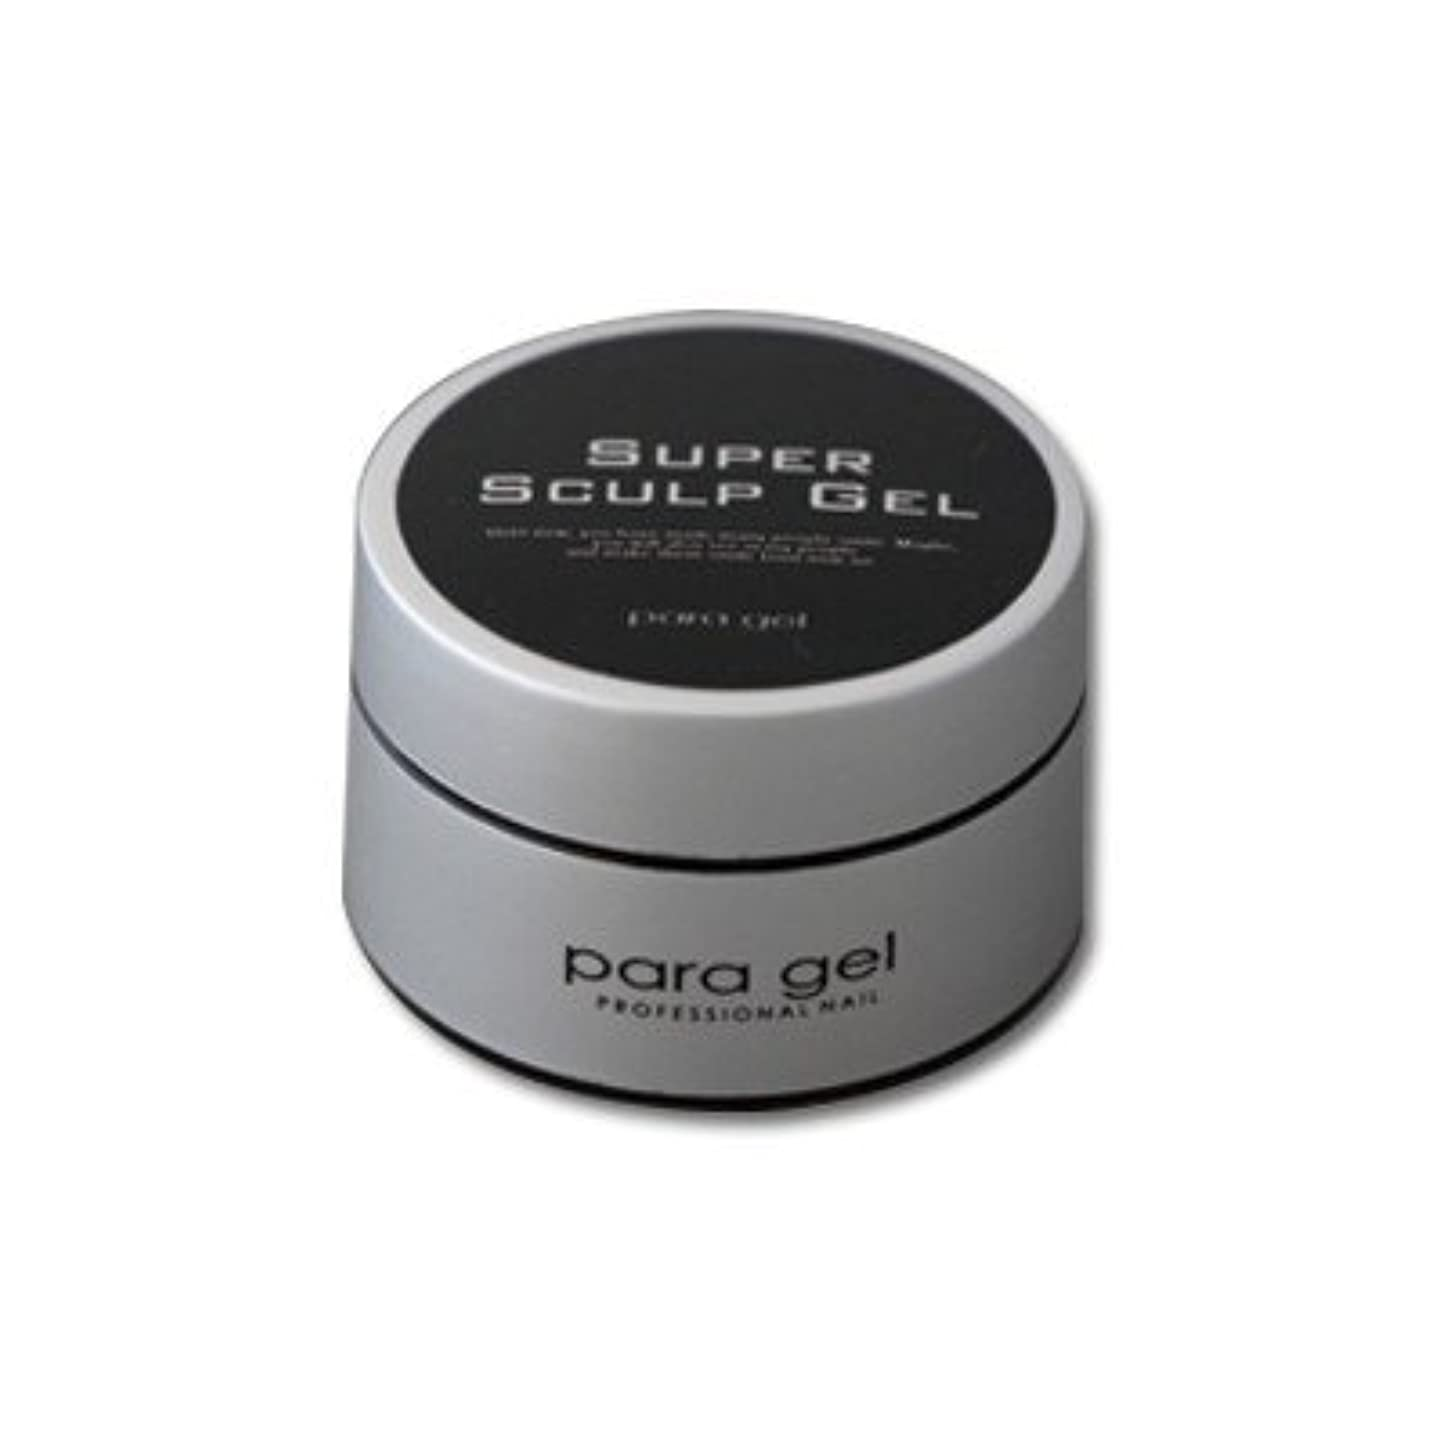 パーティション積分合唱団para gel(パラジェル) スーパースカルプジェル 10g